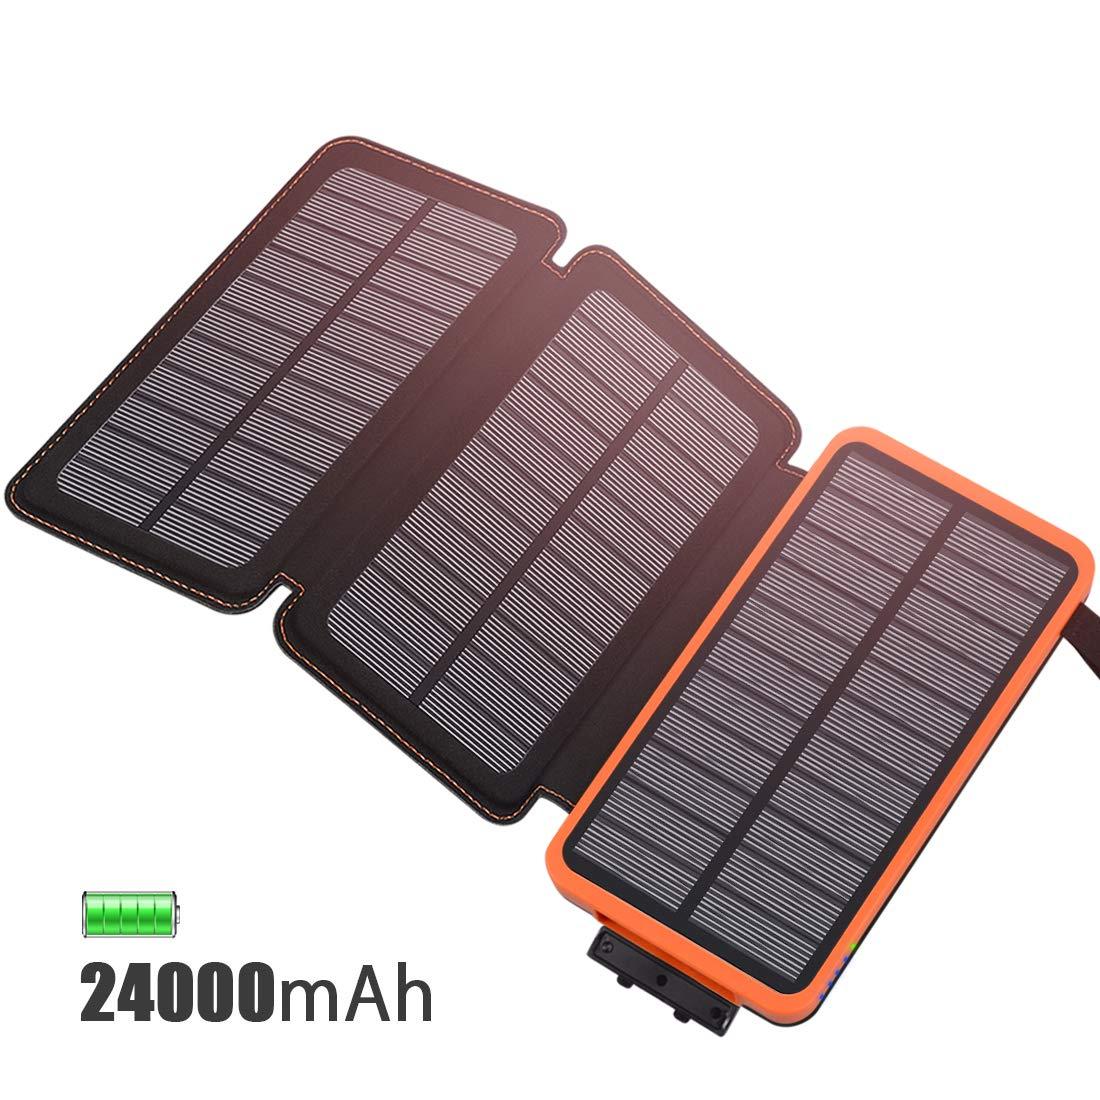 FEELLE Cargador Solar 24000mAh Batería Externa, Portátil Power Bank con...